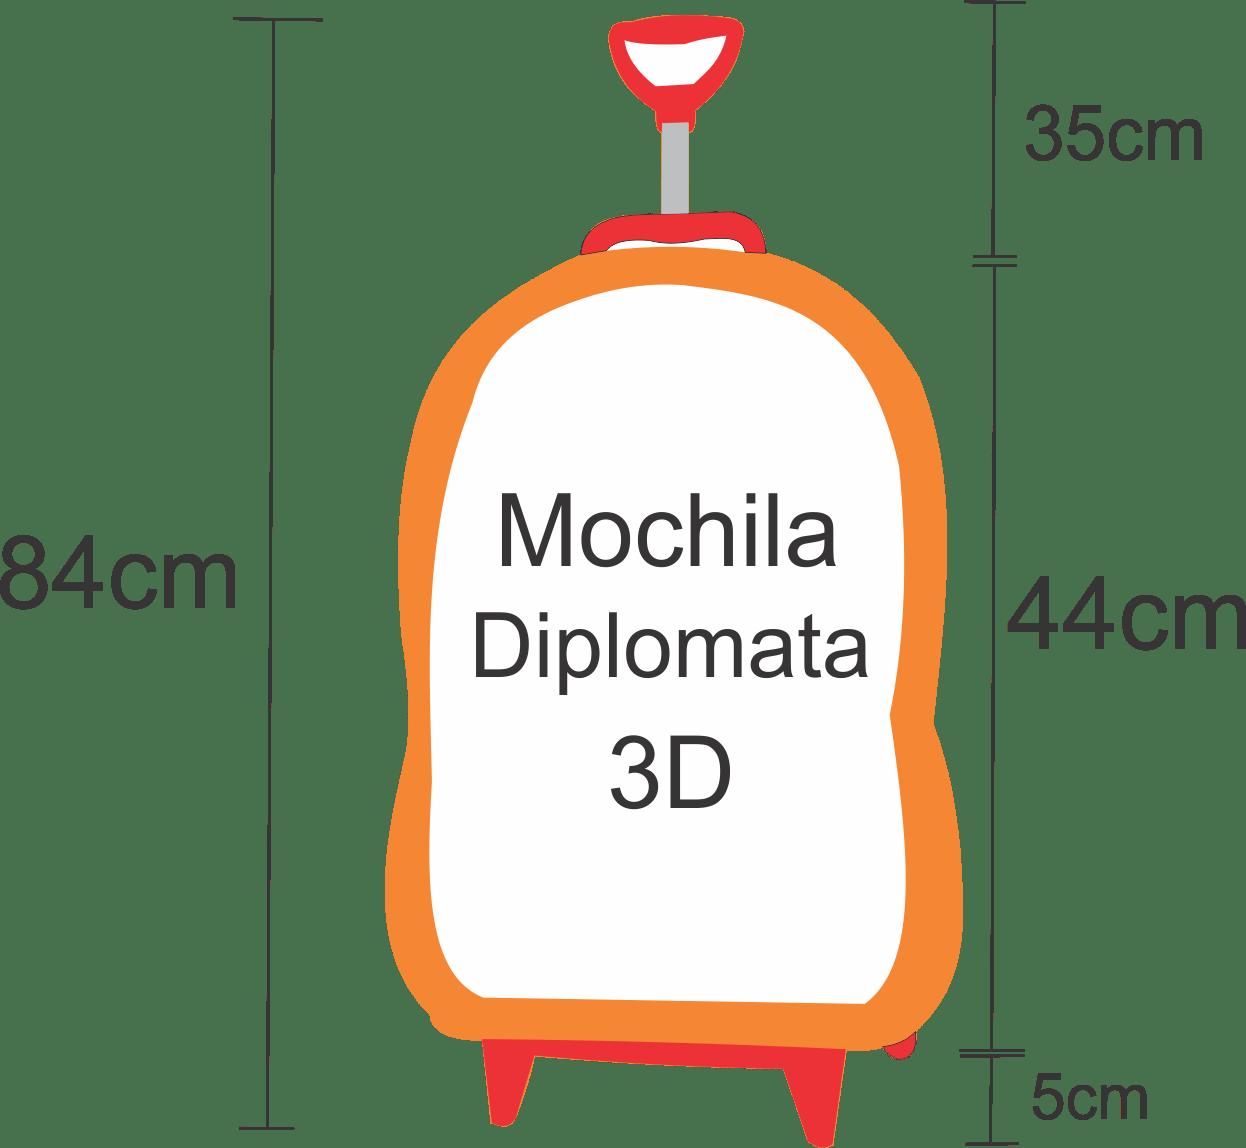 Medidas da Altura da Mochila com rodas da diplomata maxtoy